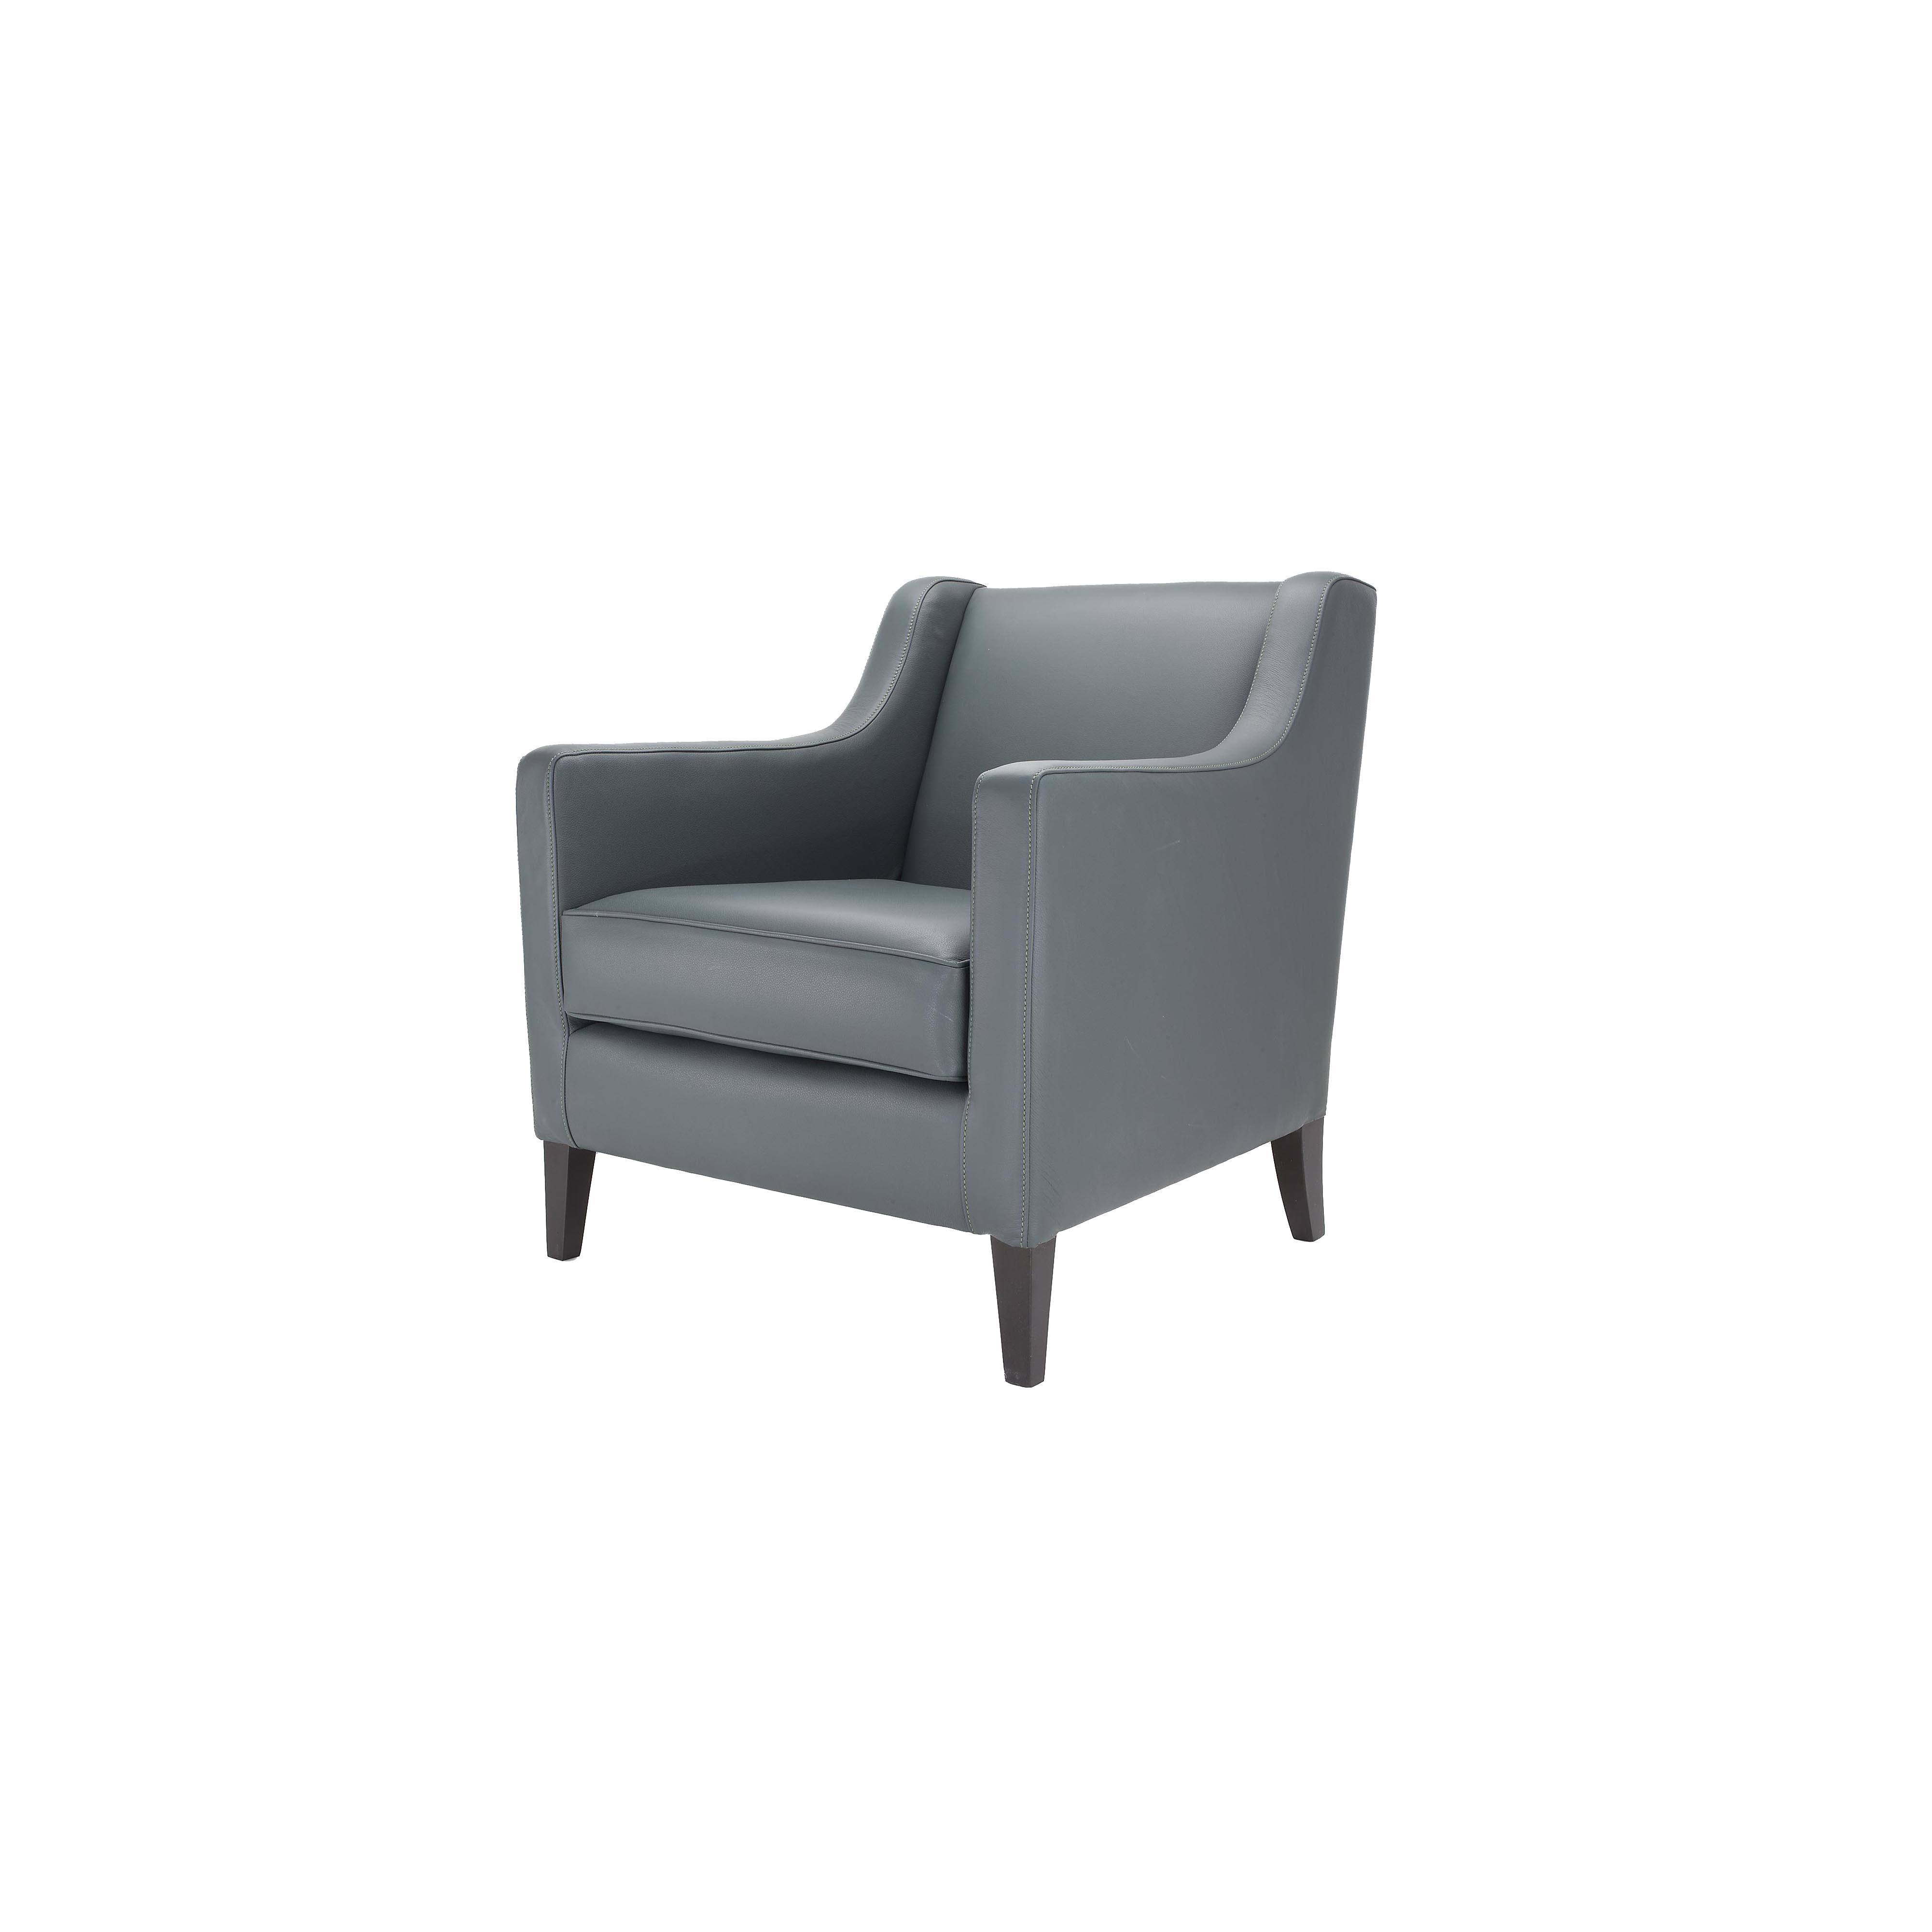 Harry armchair